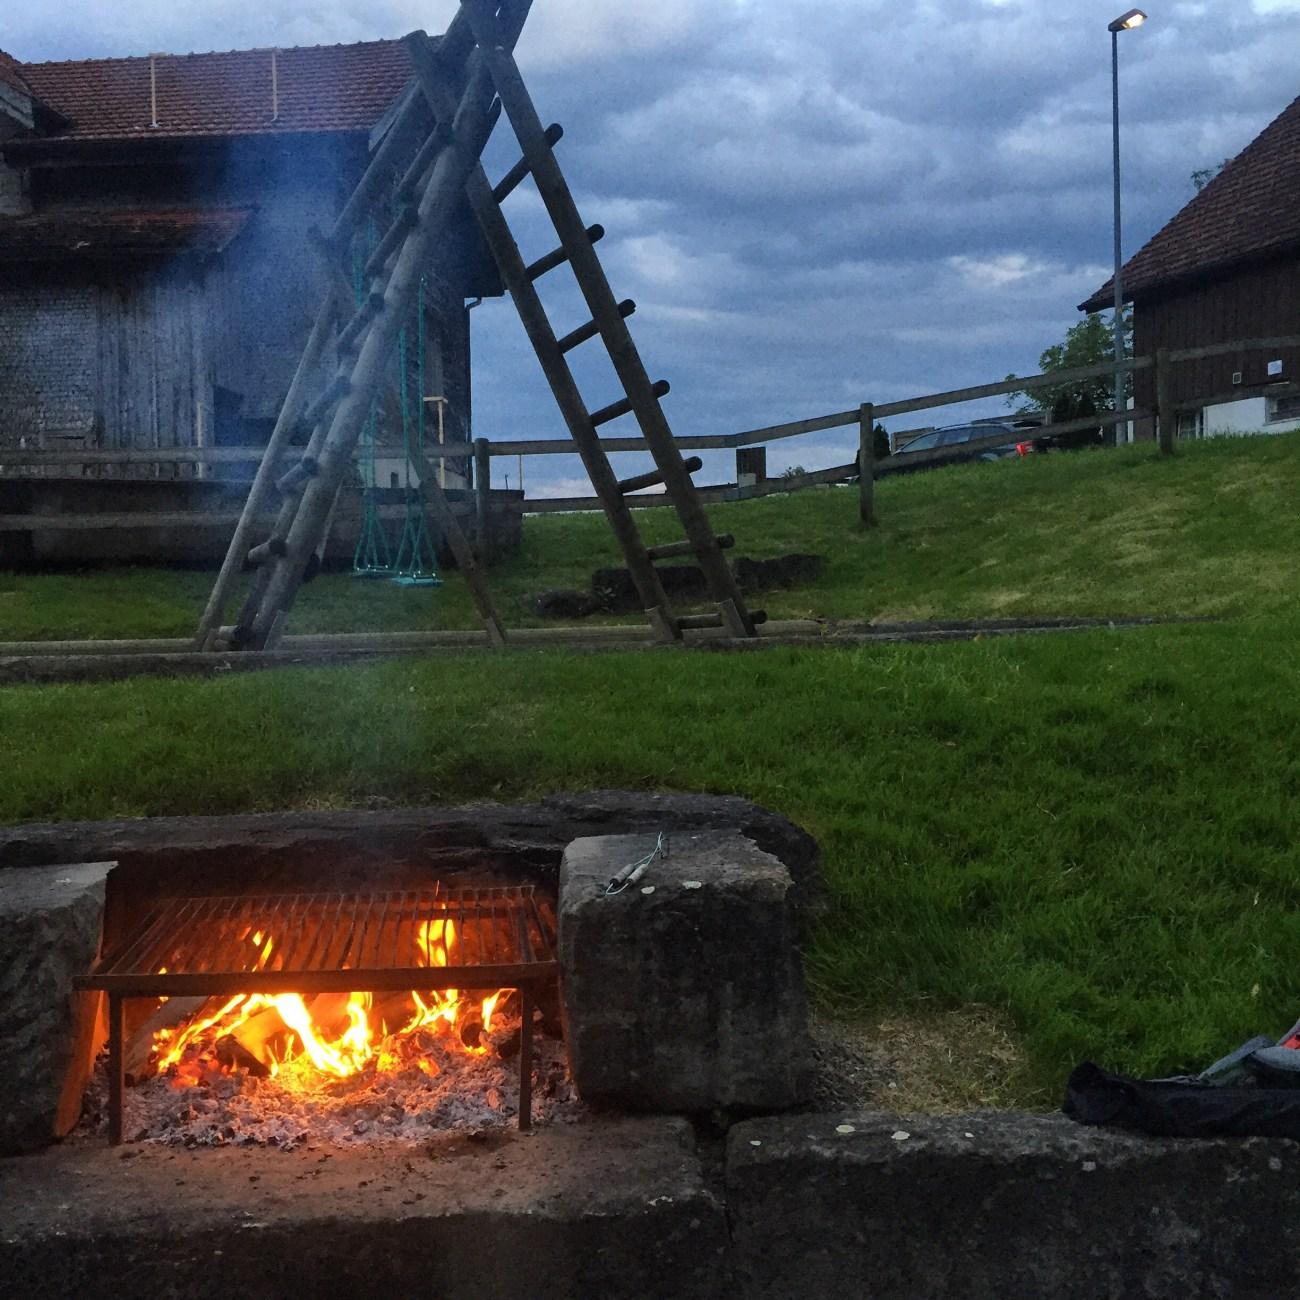 Een mooie woensdagavond in Eichberg.